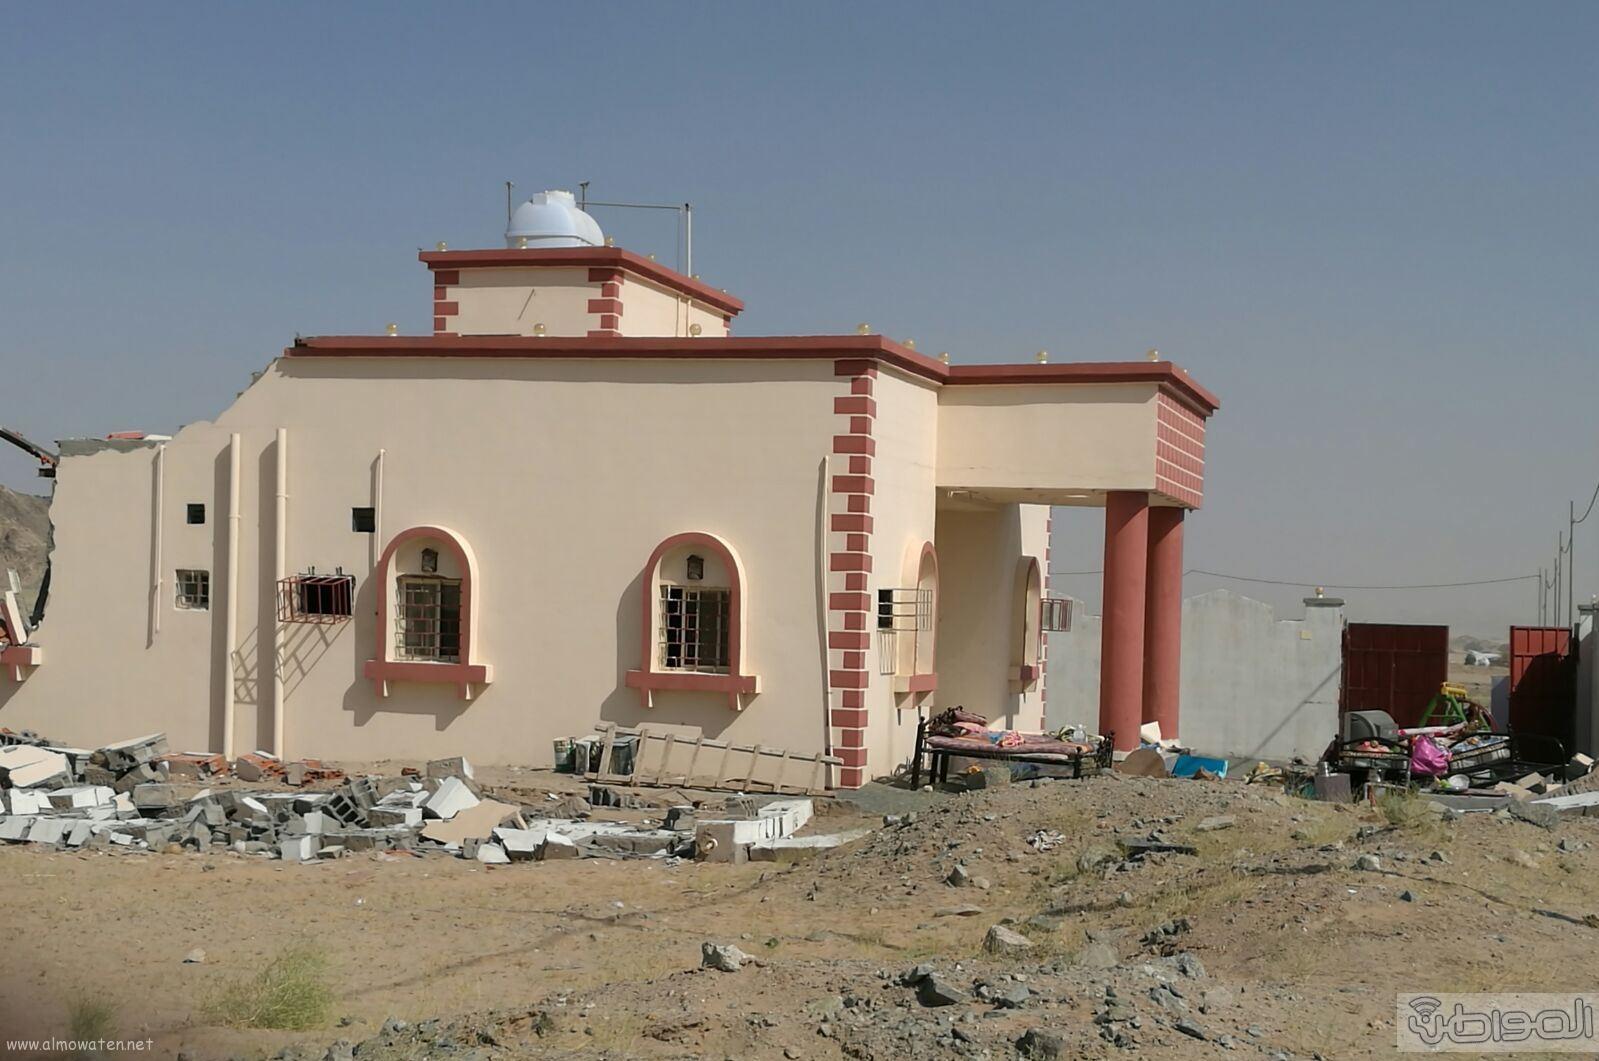 سكان واهالي قرية المقنعة يشكون من اصوات معدات الازالة (1)